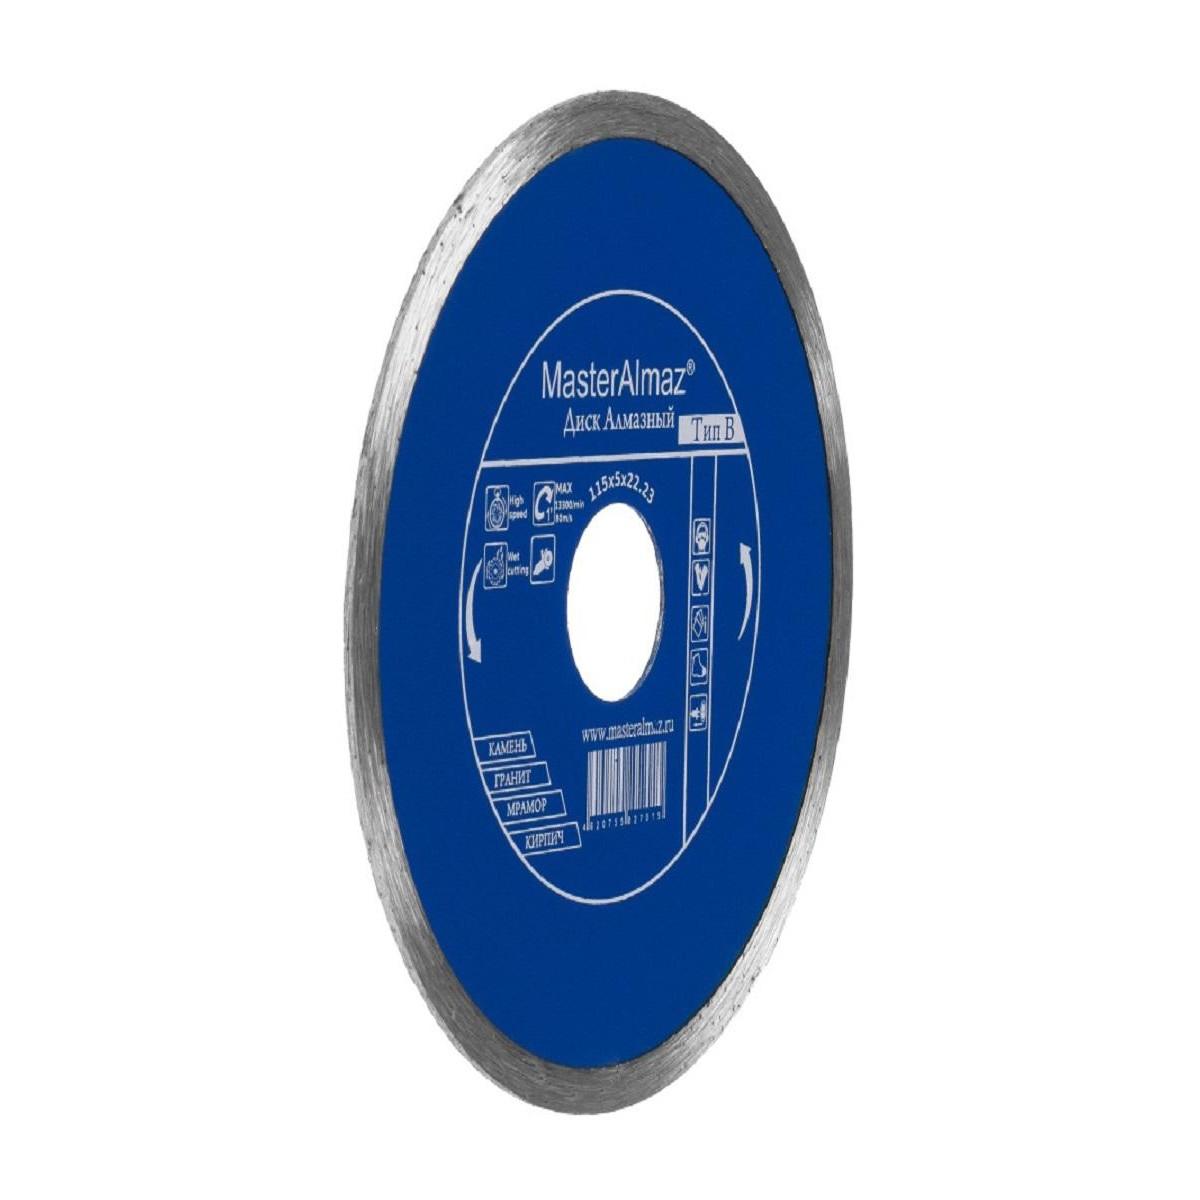 Диск Алмазный Мастералмаз Standard (Тип В) 180Х5Х254 По Камню Сплошной